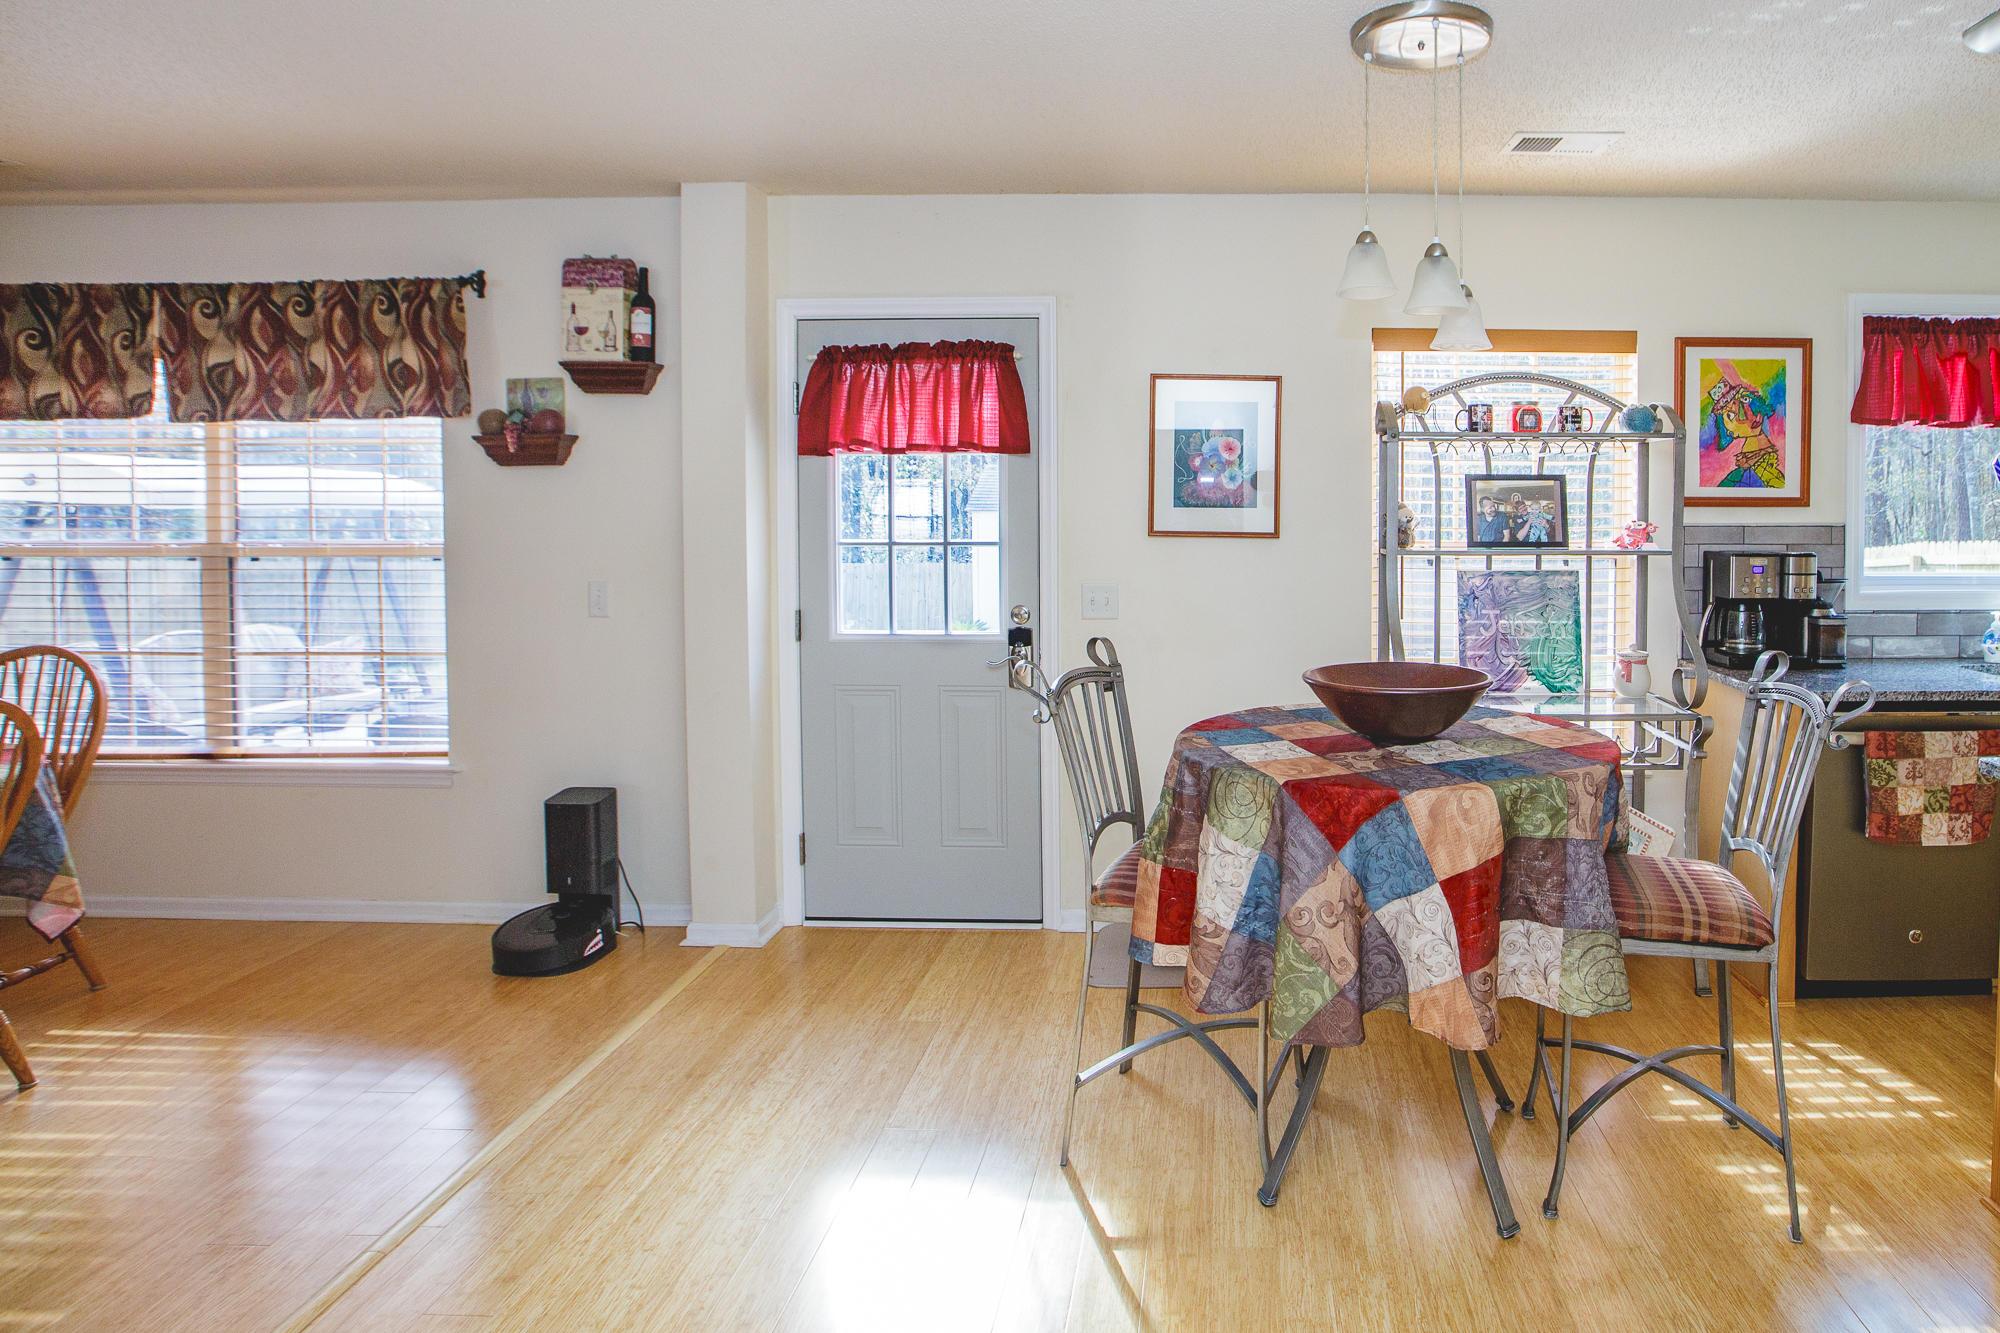 Hawthorne Place Homes For Sale - 347 Cohen, Ladson, SC - 13